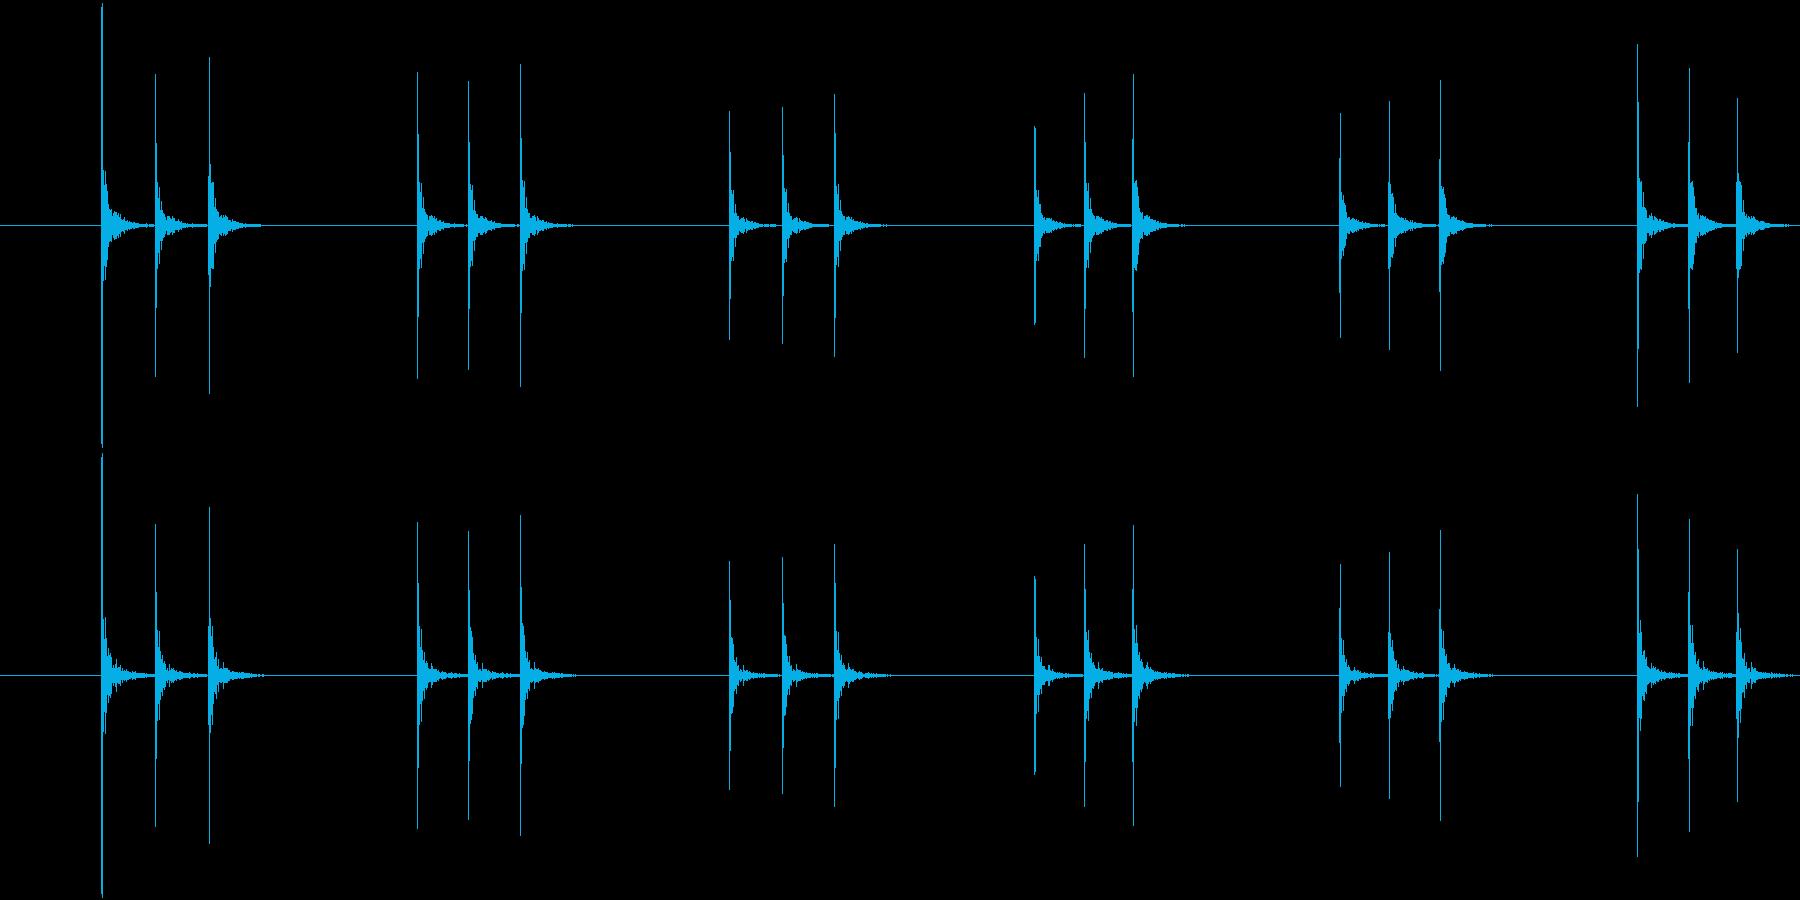 コンコンコン、連続したドアノック音-03の再生済みの波形